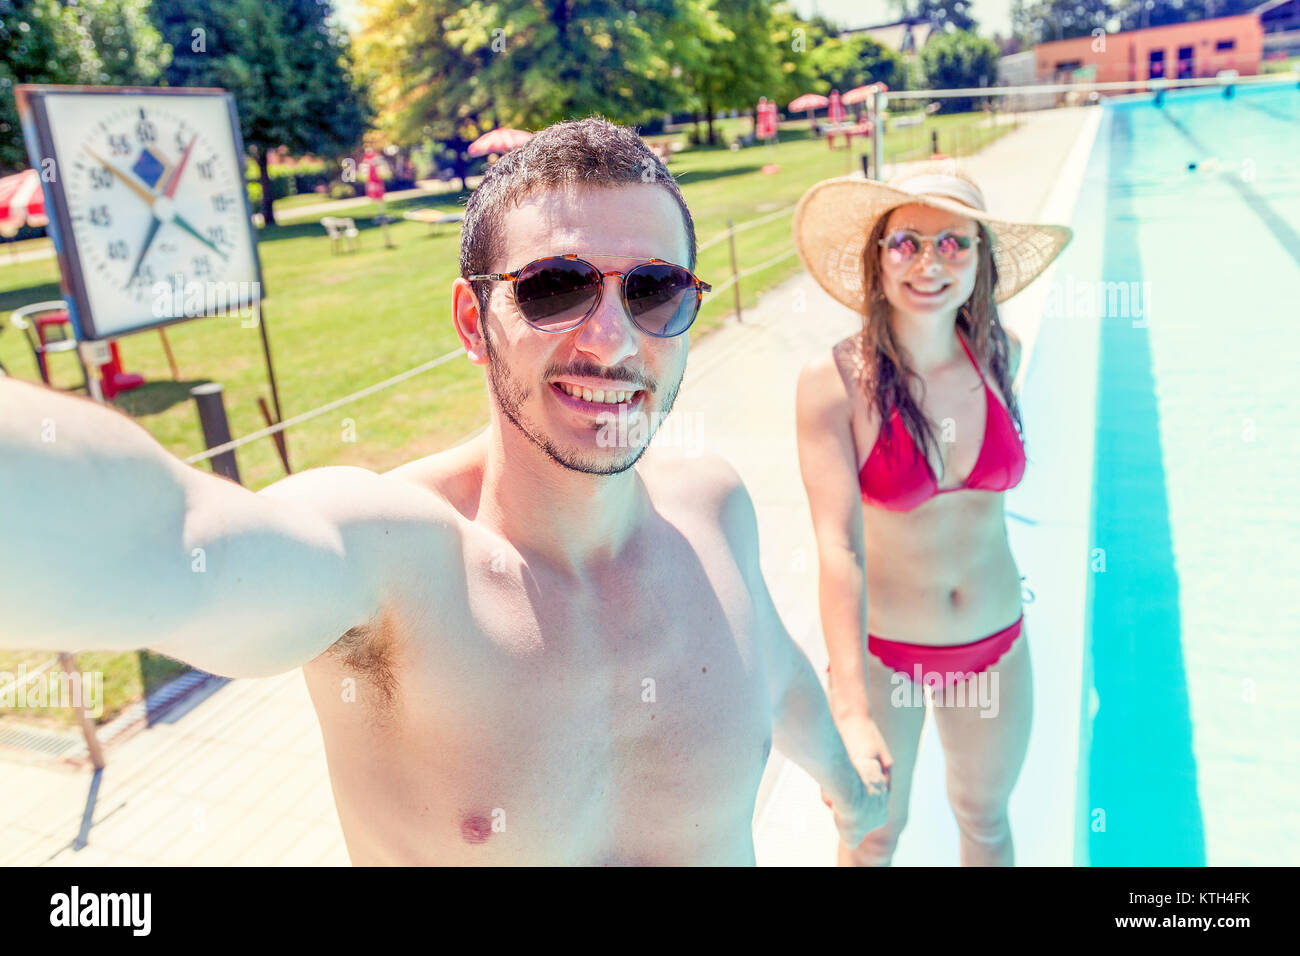 Joven pareja amorosa al lado de la piscina tiene un selfie en traje de baño. Concepto de los jóvenes se Imagen De Stock